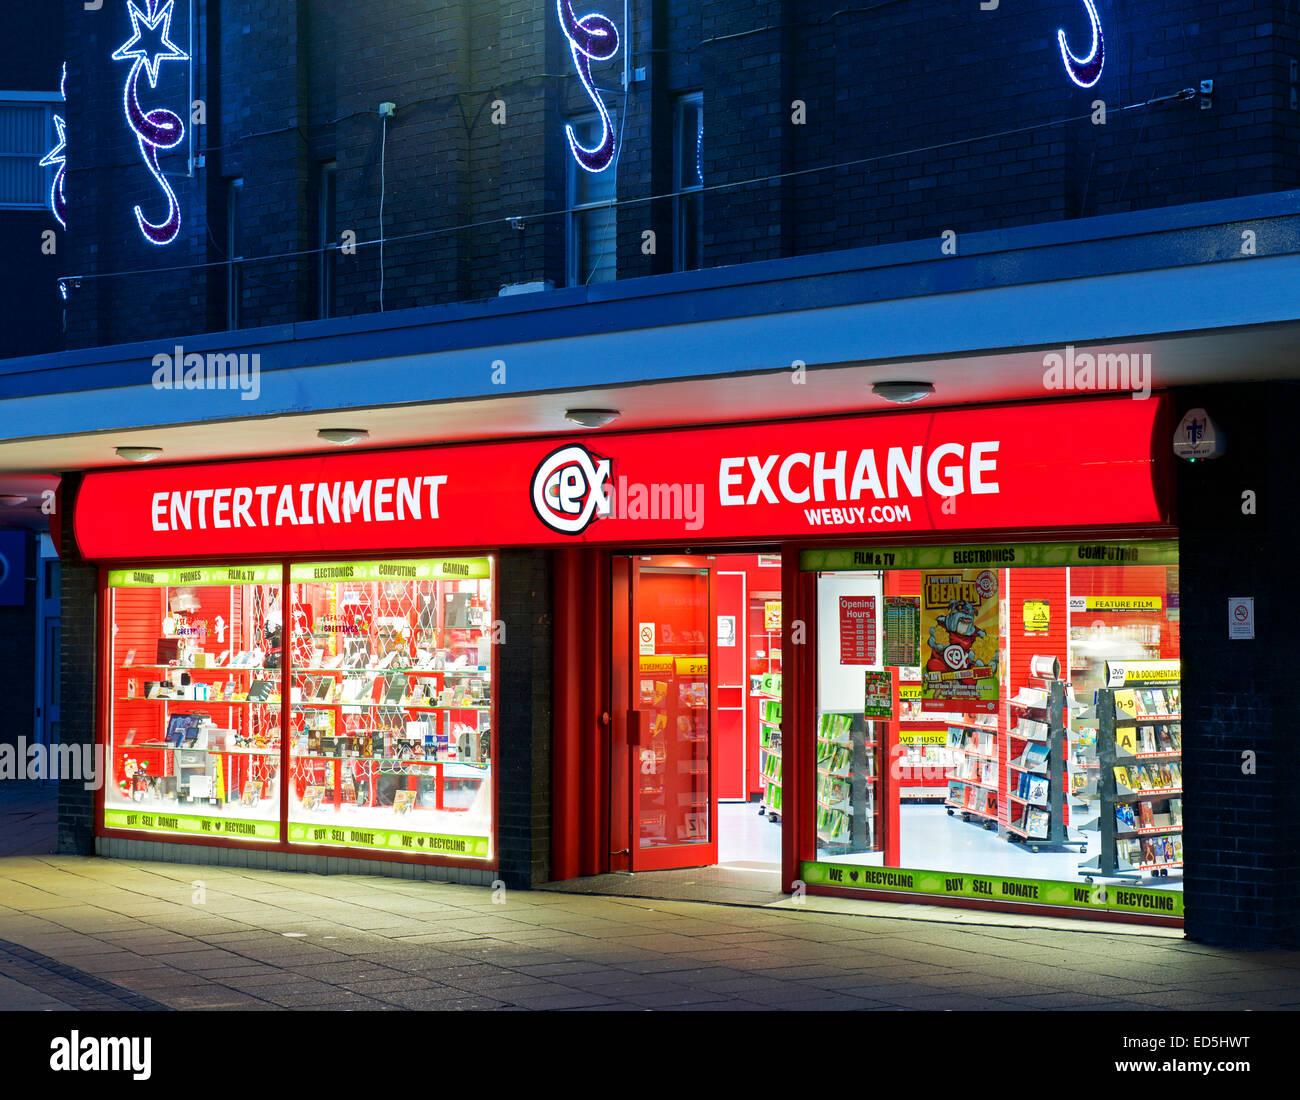 Intercambio de entretenimiento en Burnley, Lancashire, Inglaterra Imagen De Stock